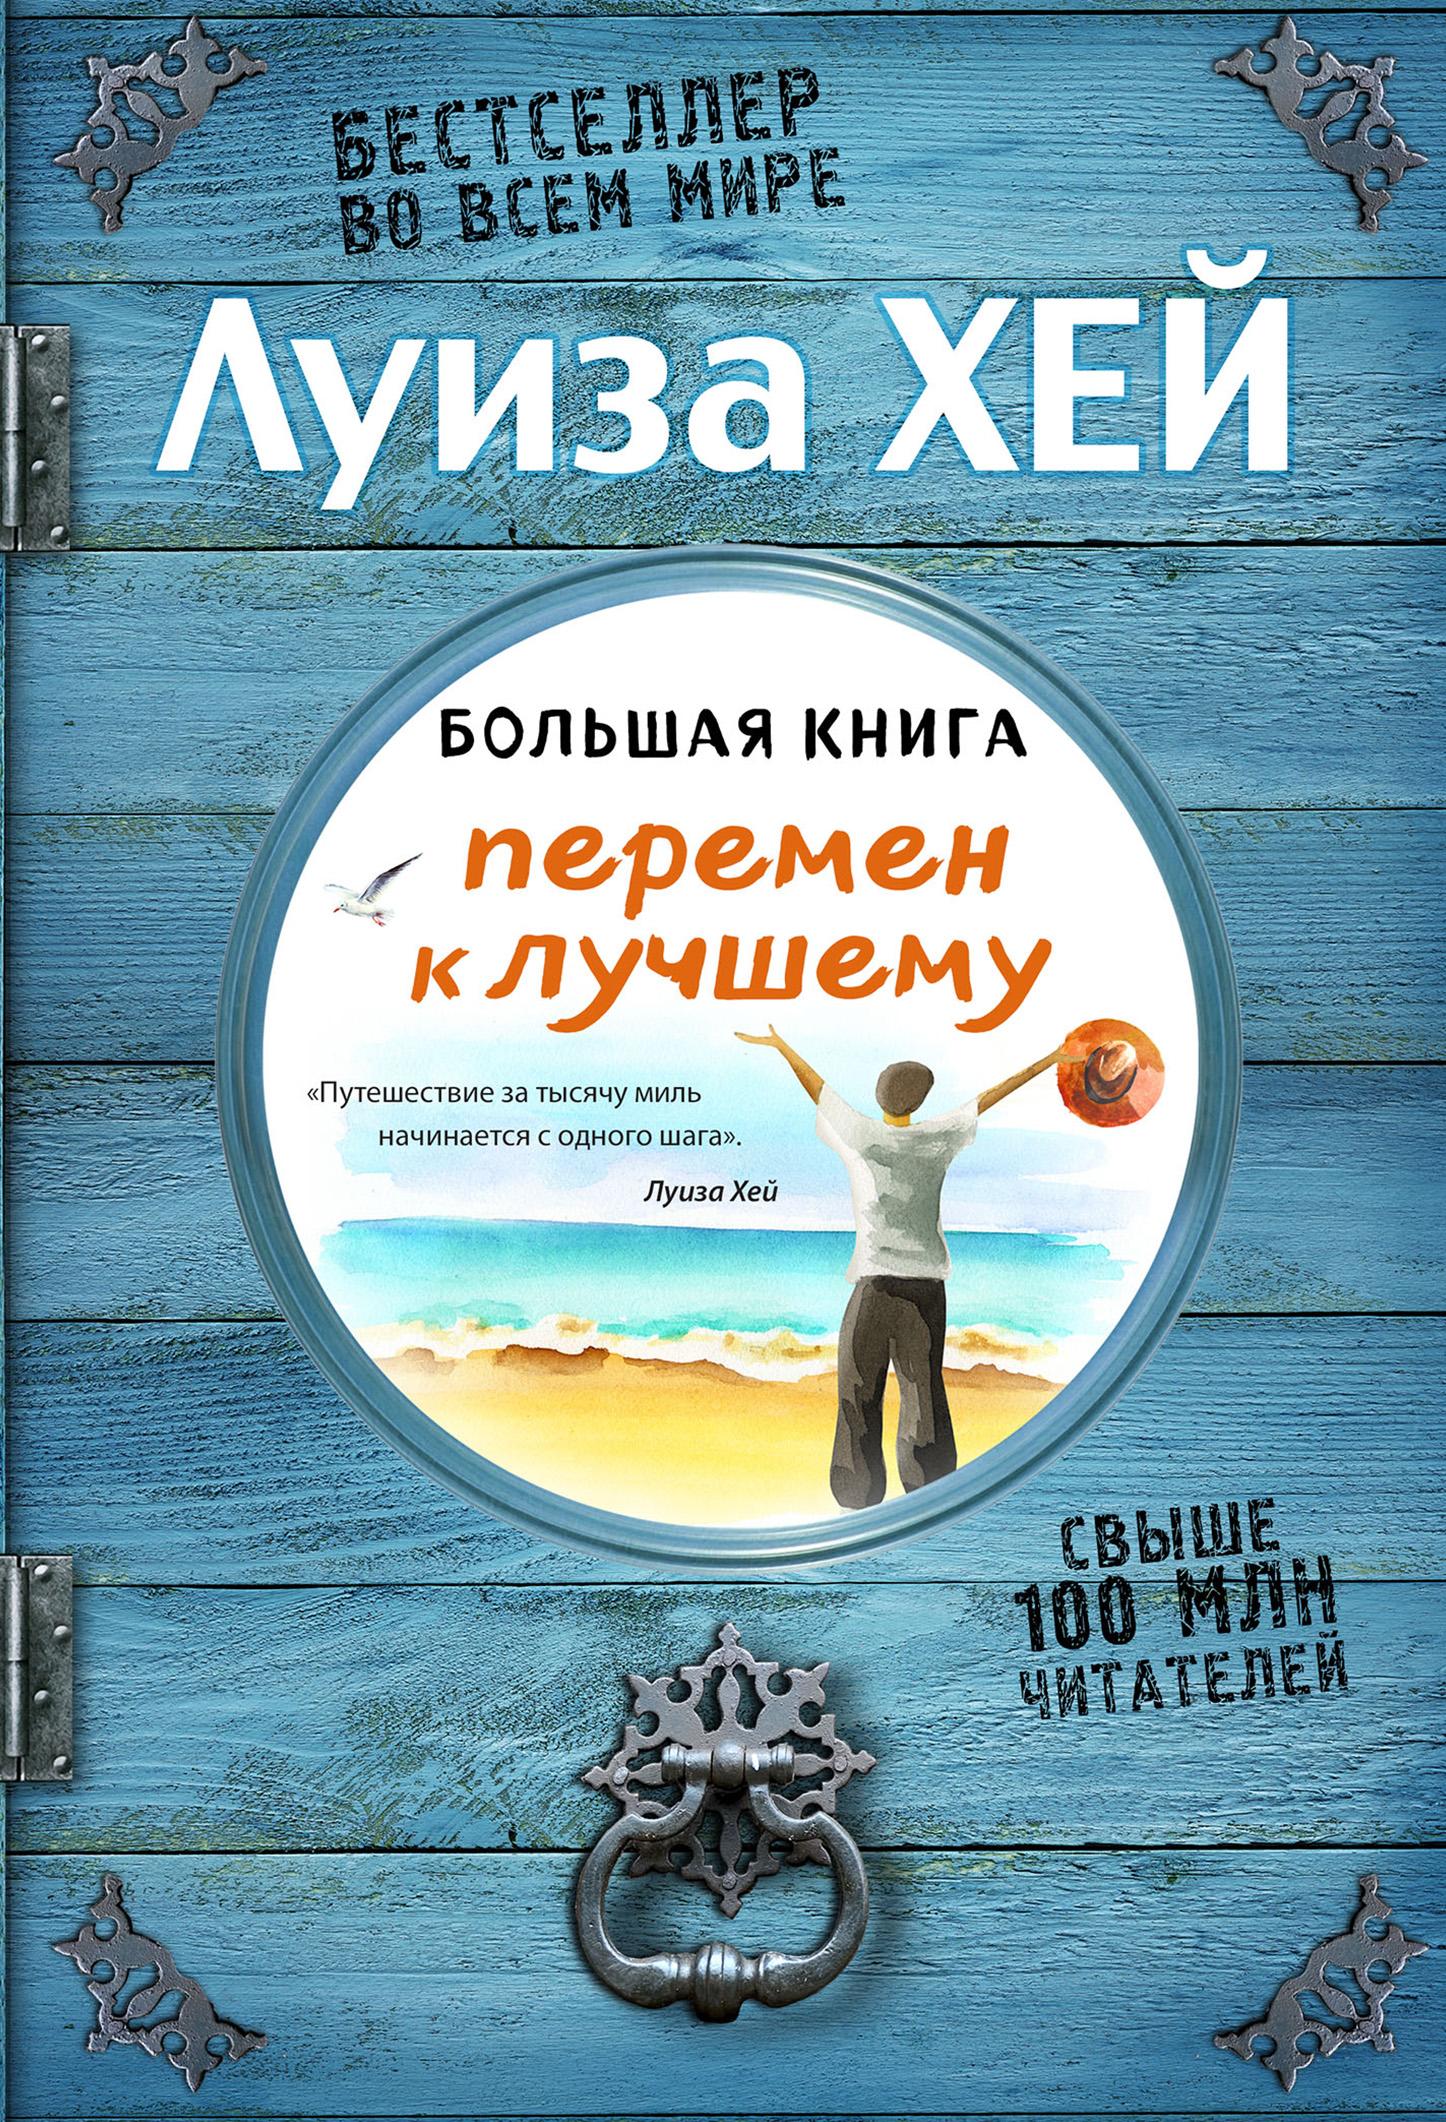 Большая книга перемен к лучшему